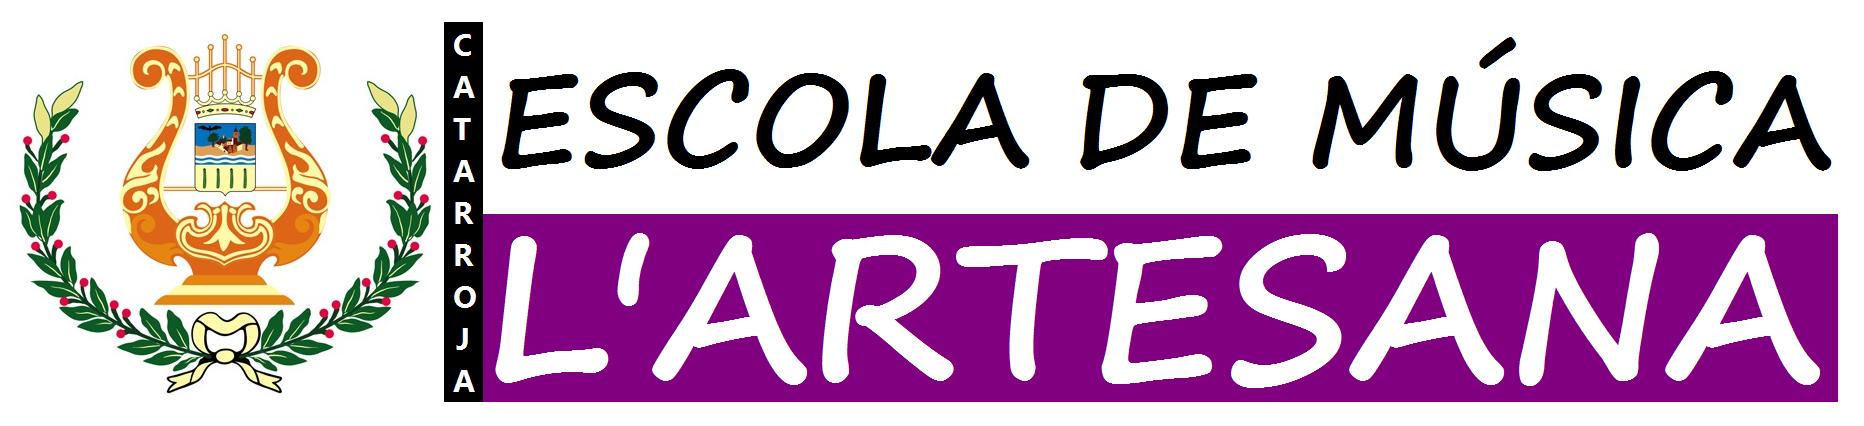 2013 escut NOU ESCOLA